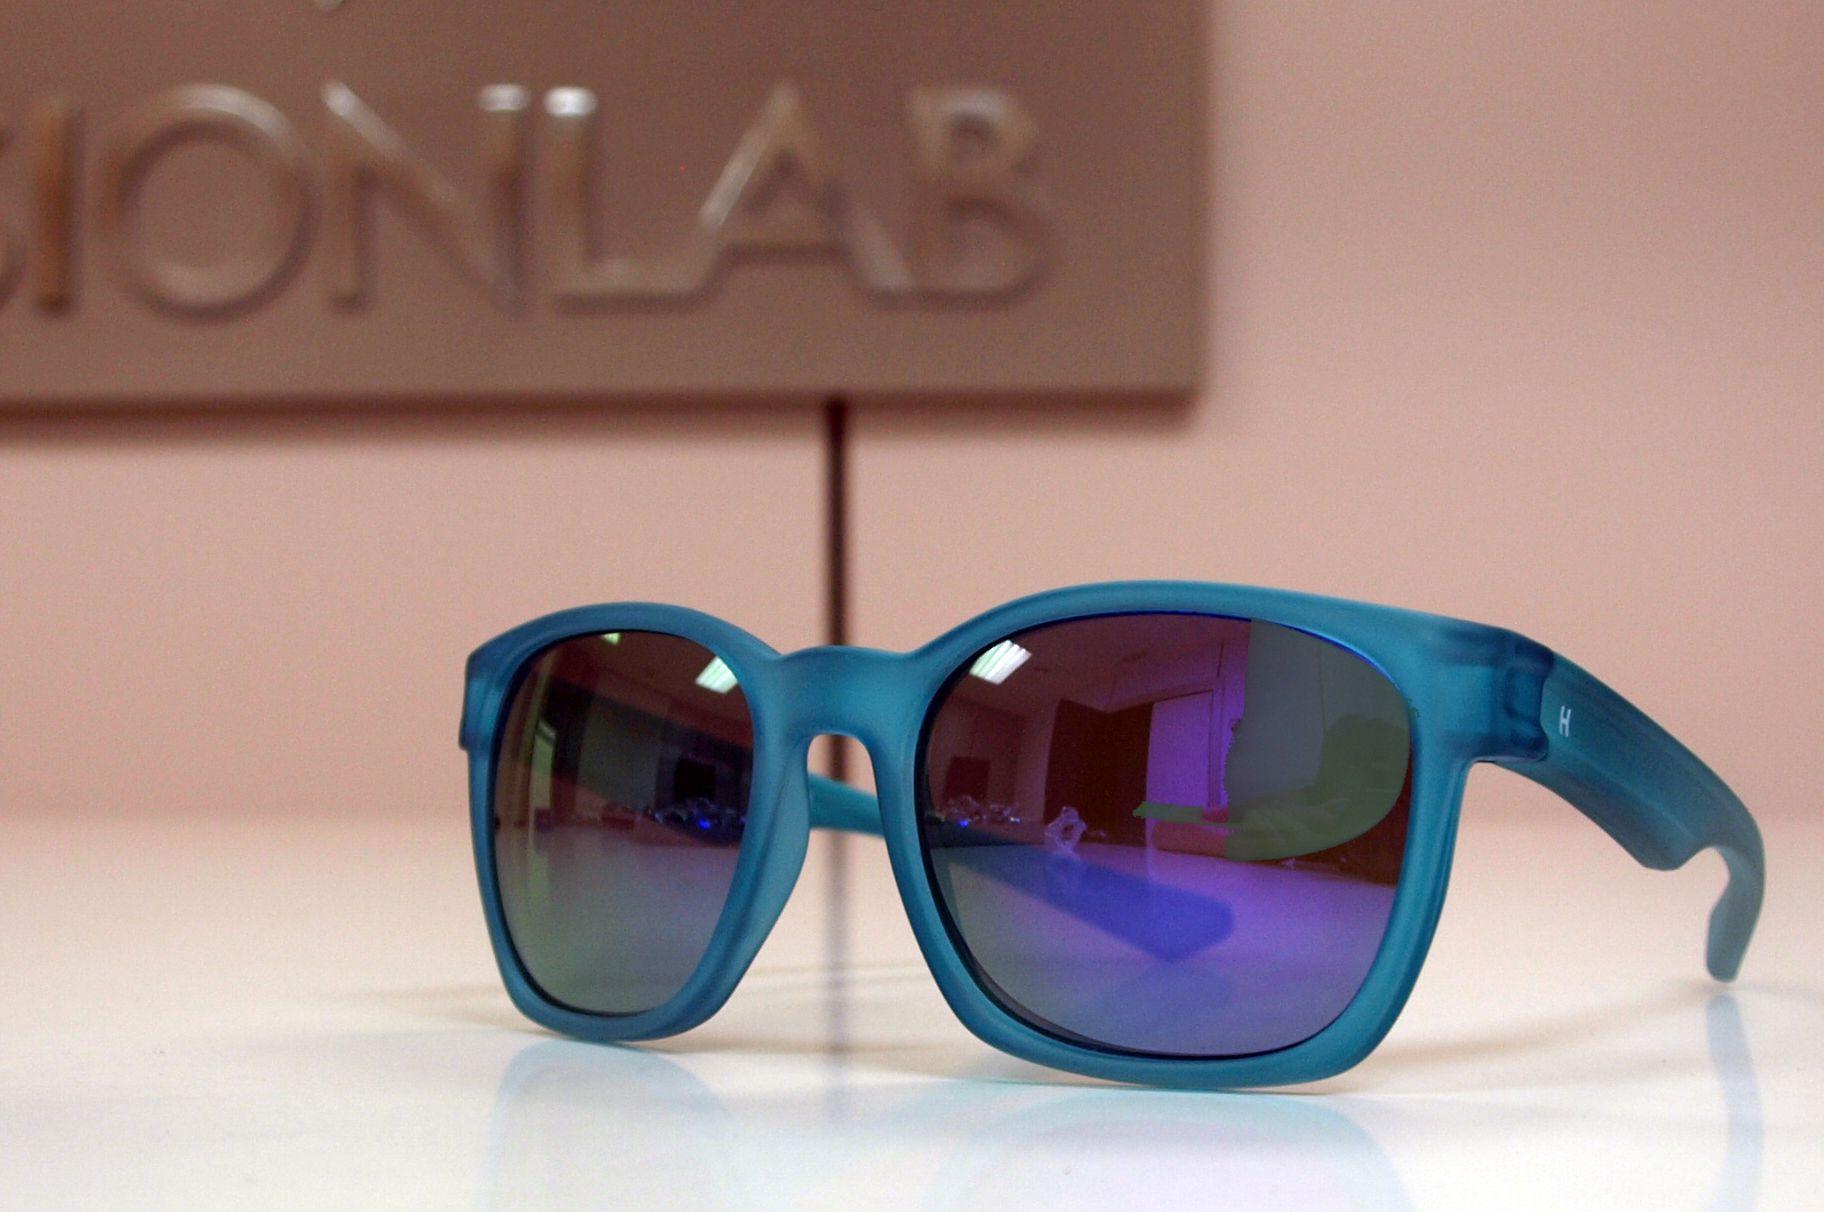 Gafas de sol Hevian color turquesa http://www.visionlab.es ...